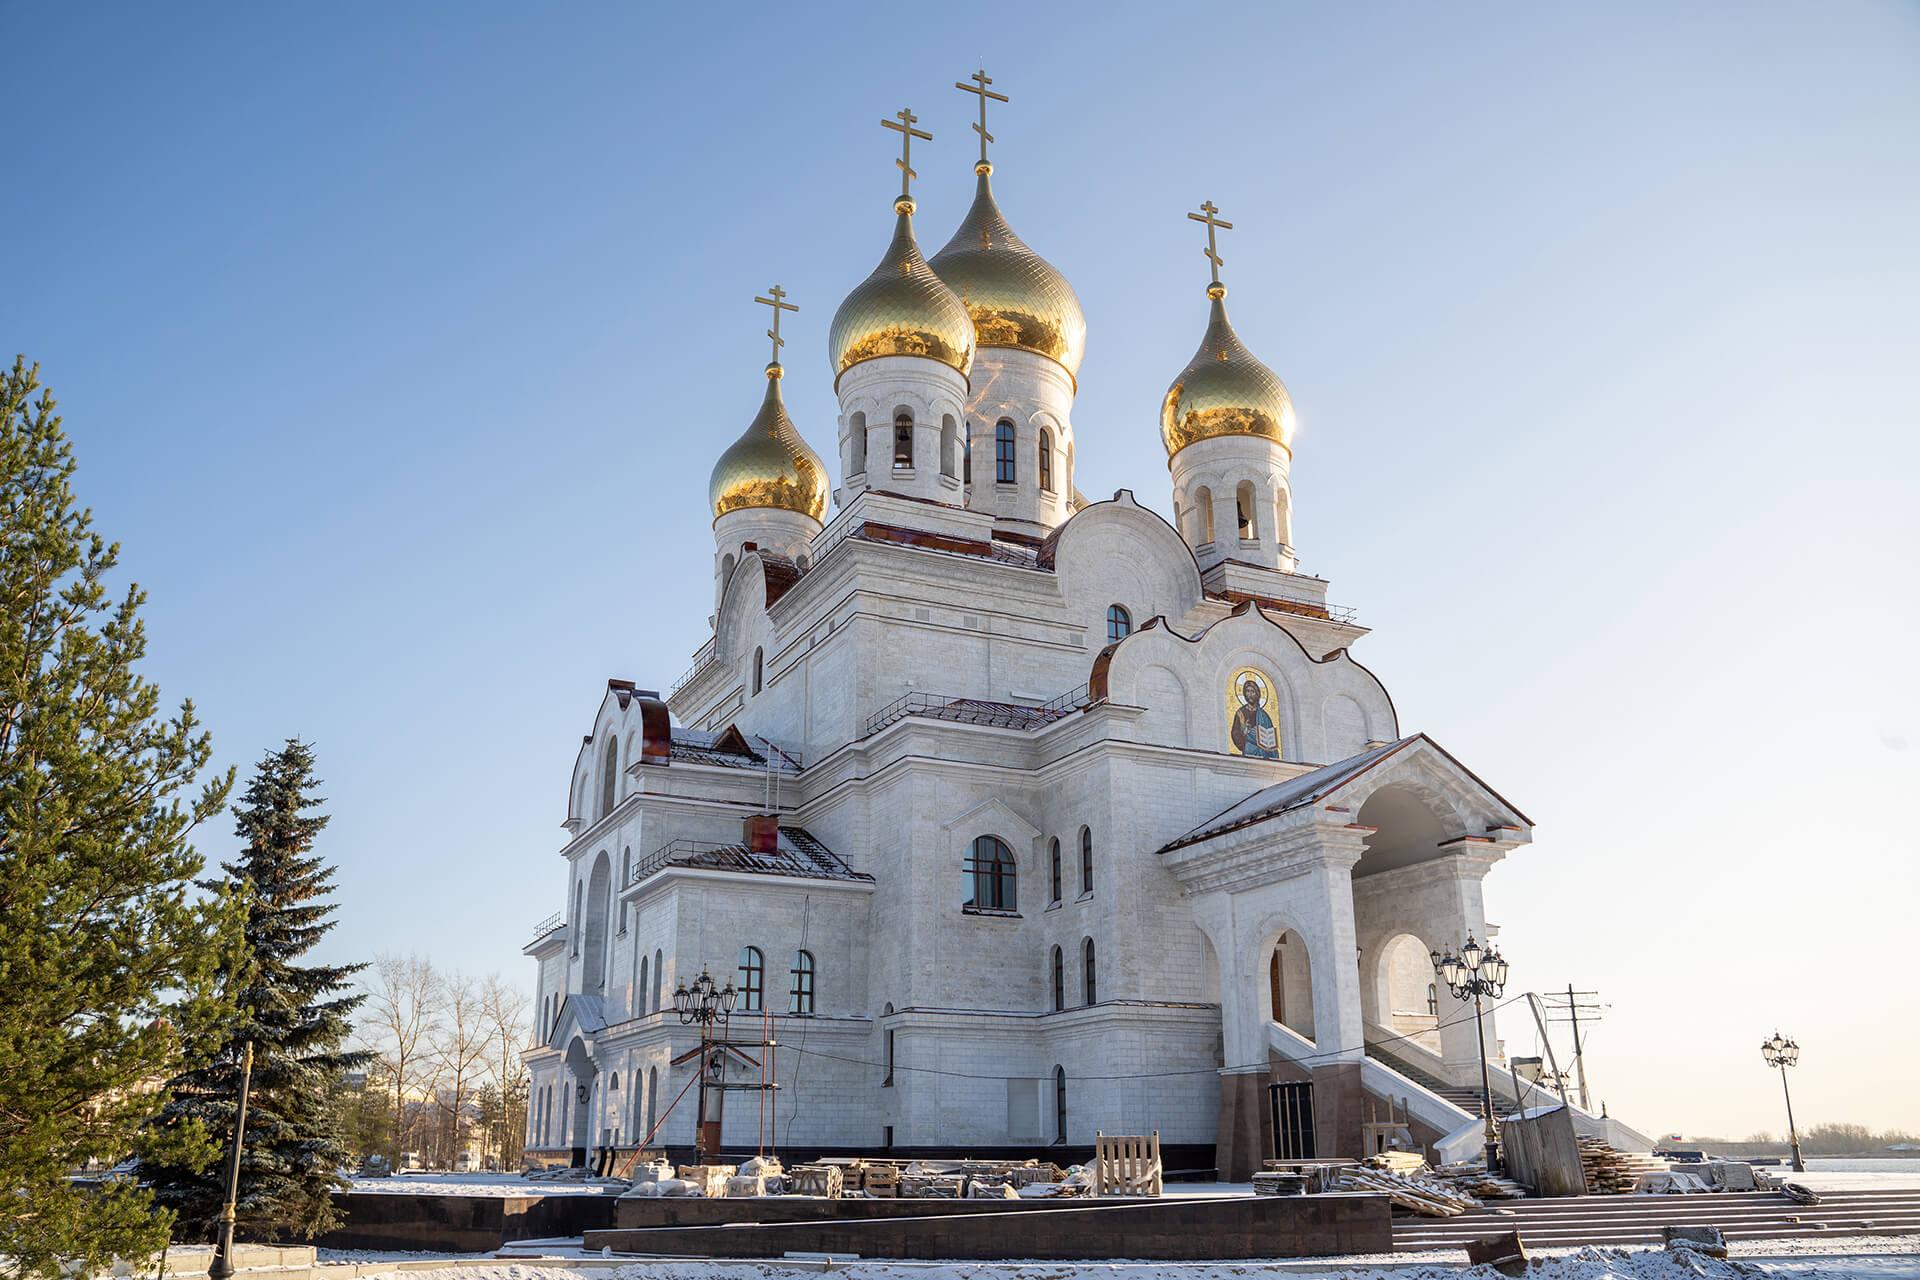 Михайло-архангельский кафедральный собор